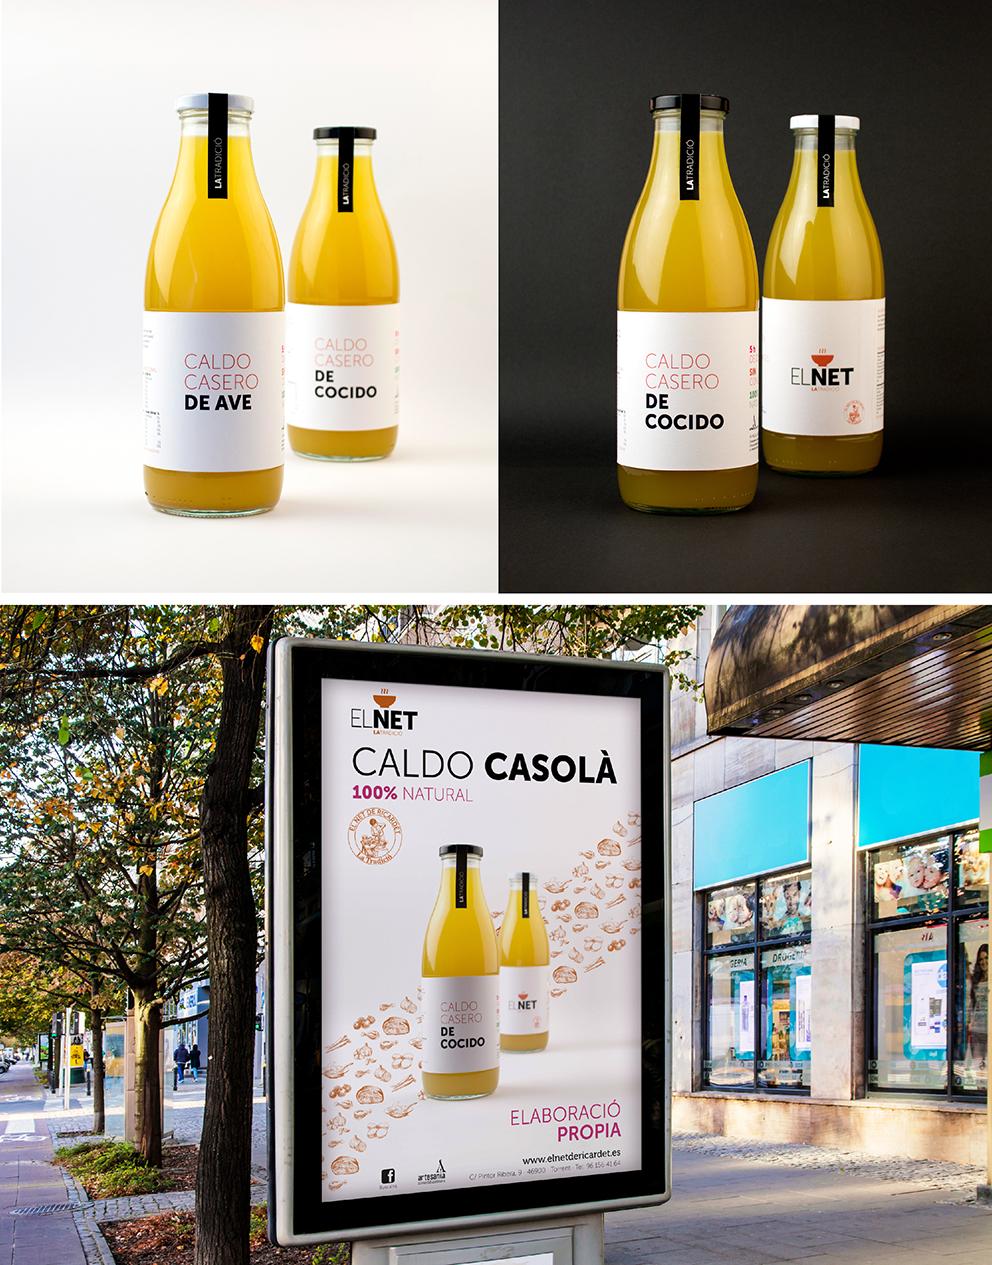 diseño el net marca identidad corporativa diseño gráfico aplicación gráfica carnicería torrent mupi caldos packaging campaña publicidad